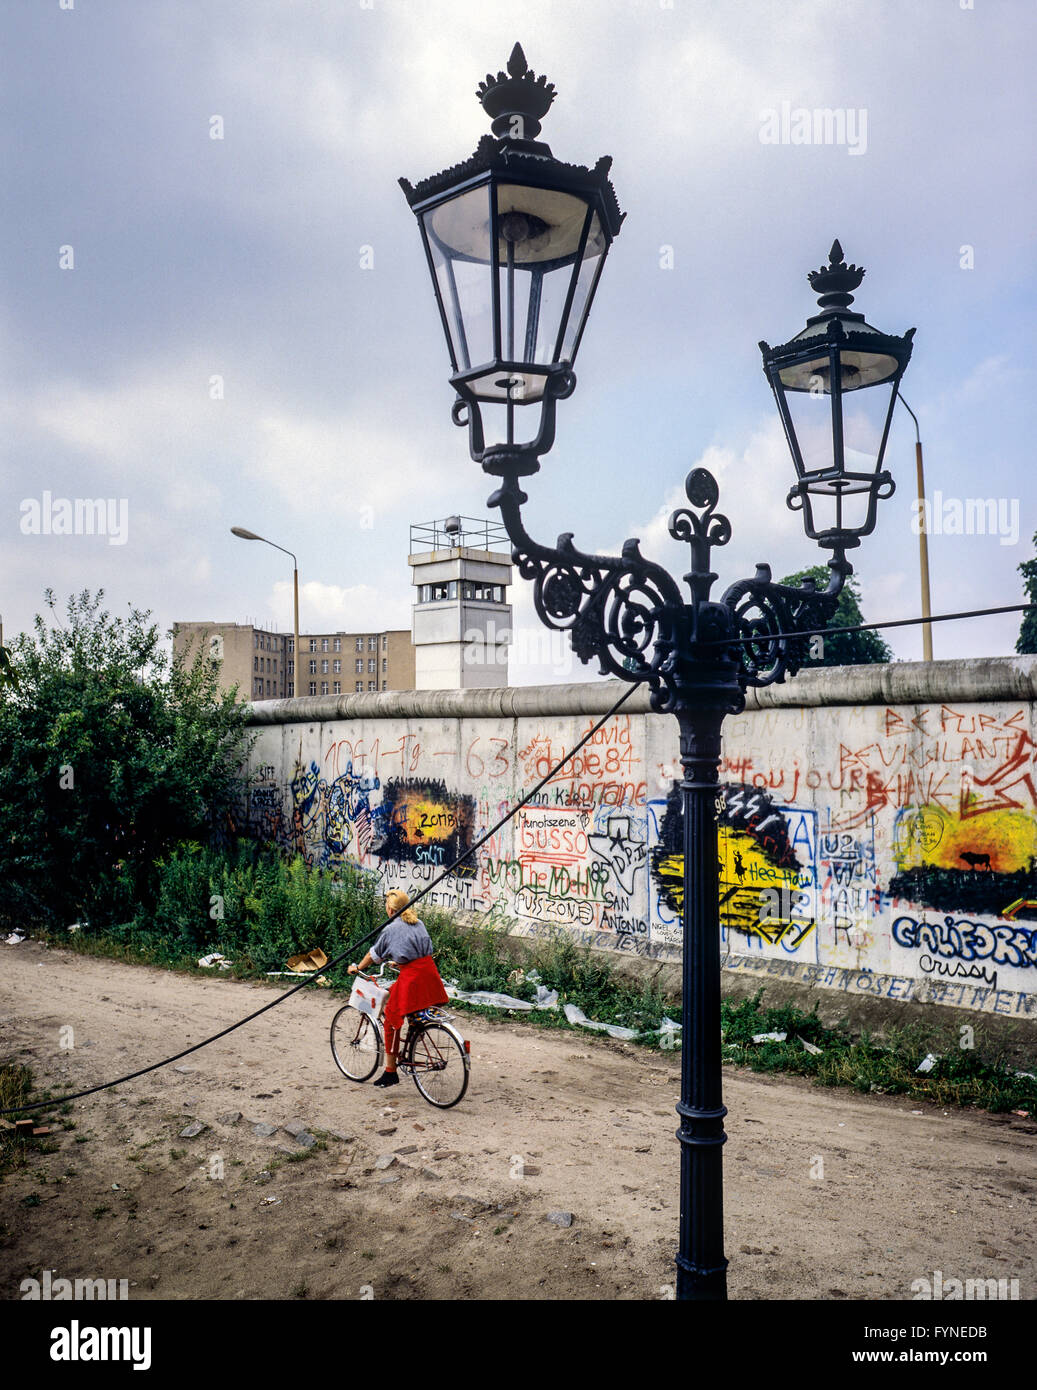 August 1986, Berlin Wall graffitis, street lamp, cyclist, East Berlin watchtower, Zimmerstrasse street, Kreuzberg, - Stock Image